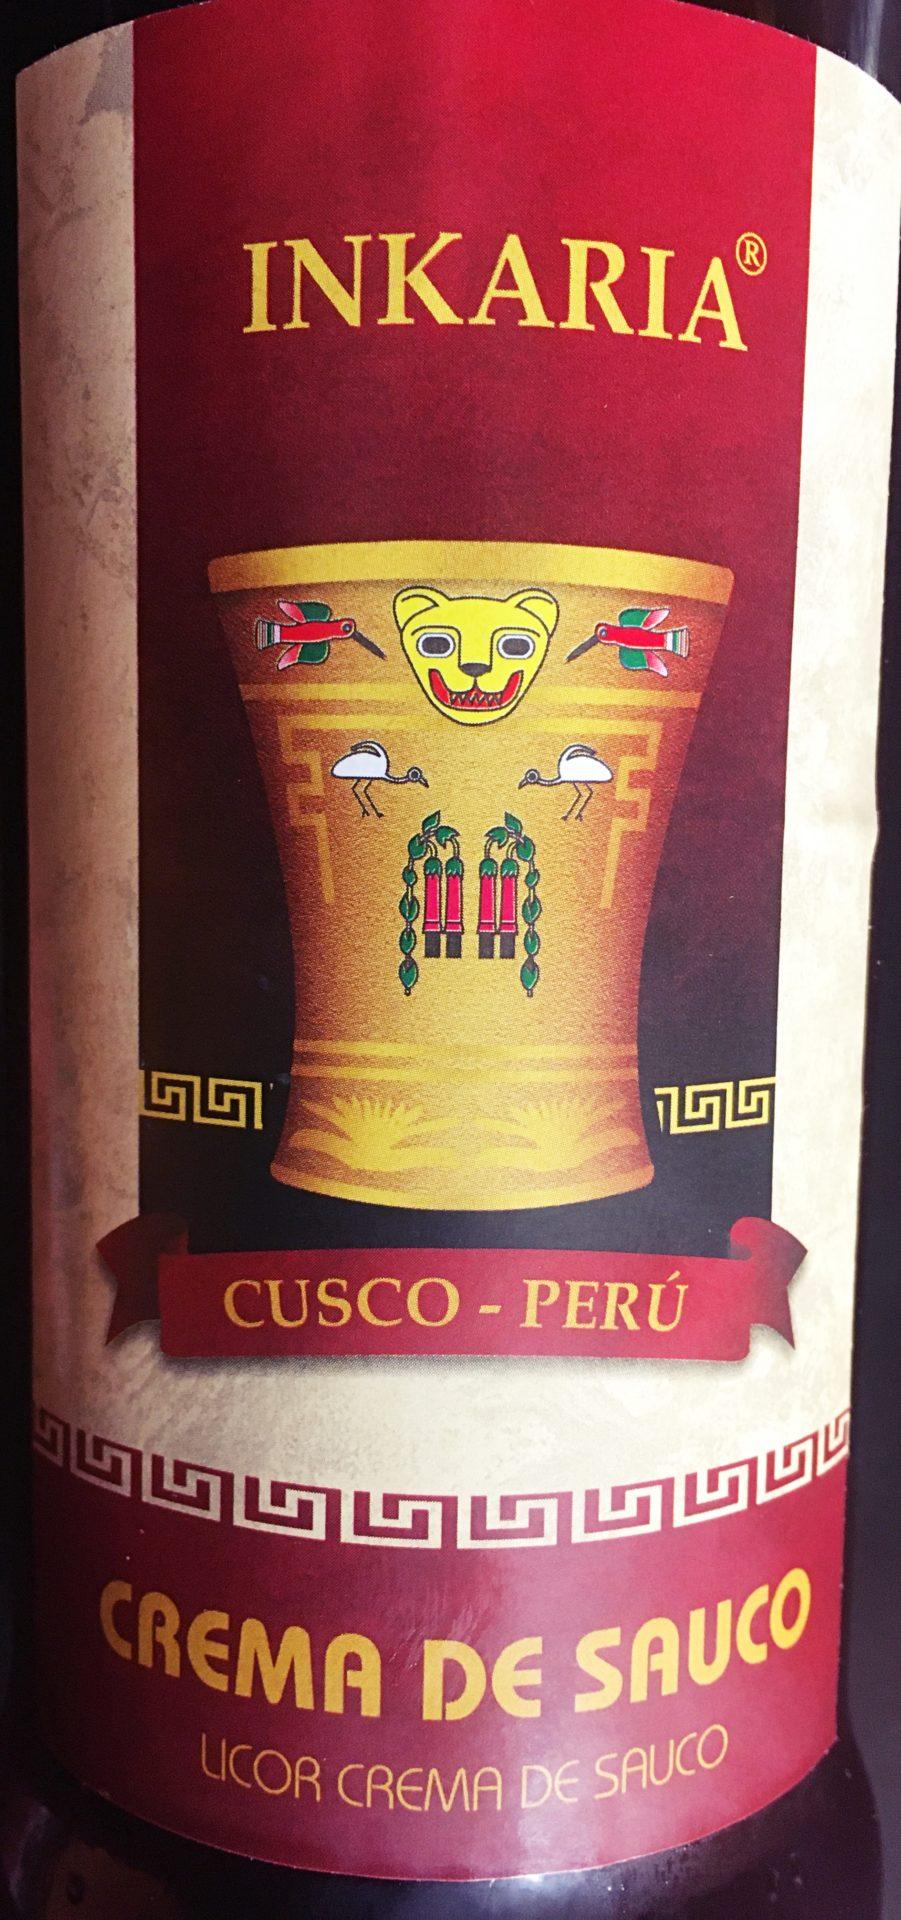 ペルー, クスコ, 酒, INKARIA, Saúco, サウコ, Elderberry, エルダーベリー